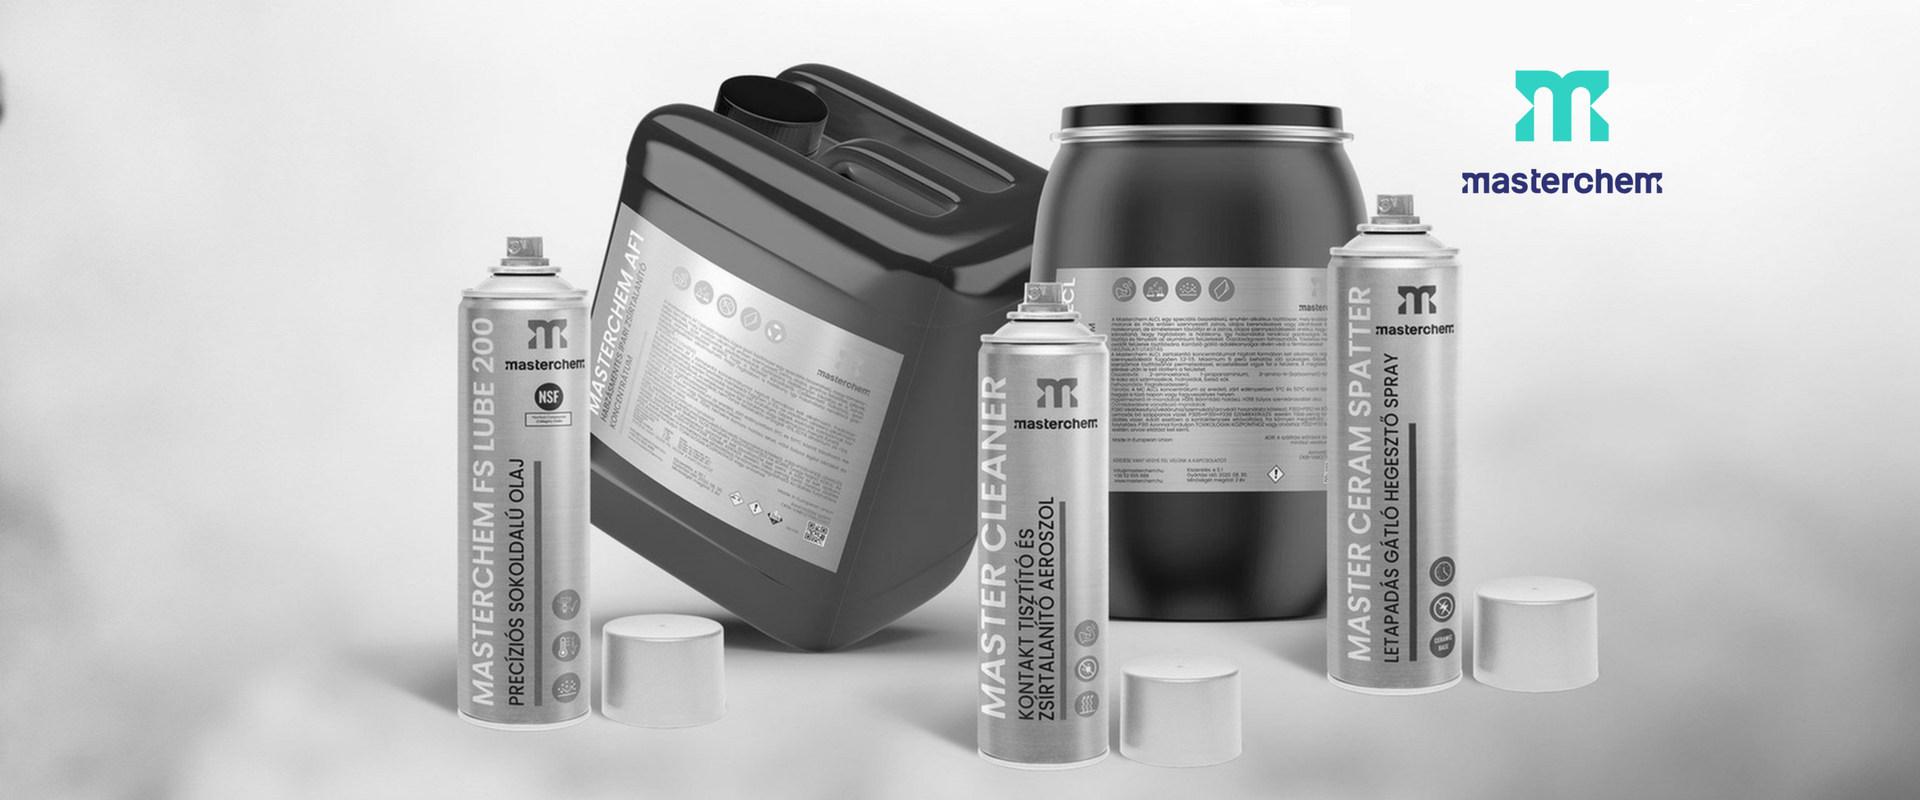 Masterchem termékek ipari tisztításhoz